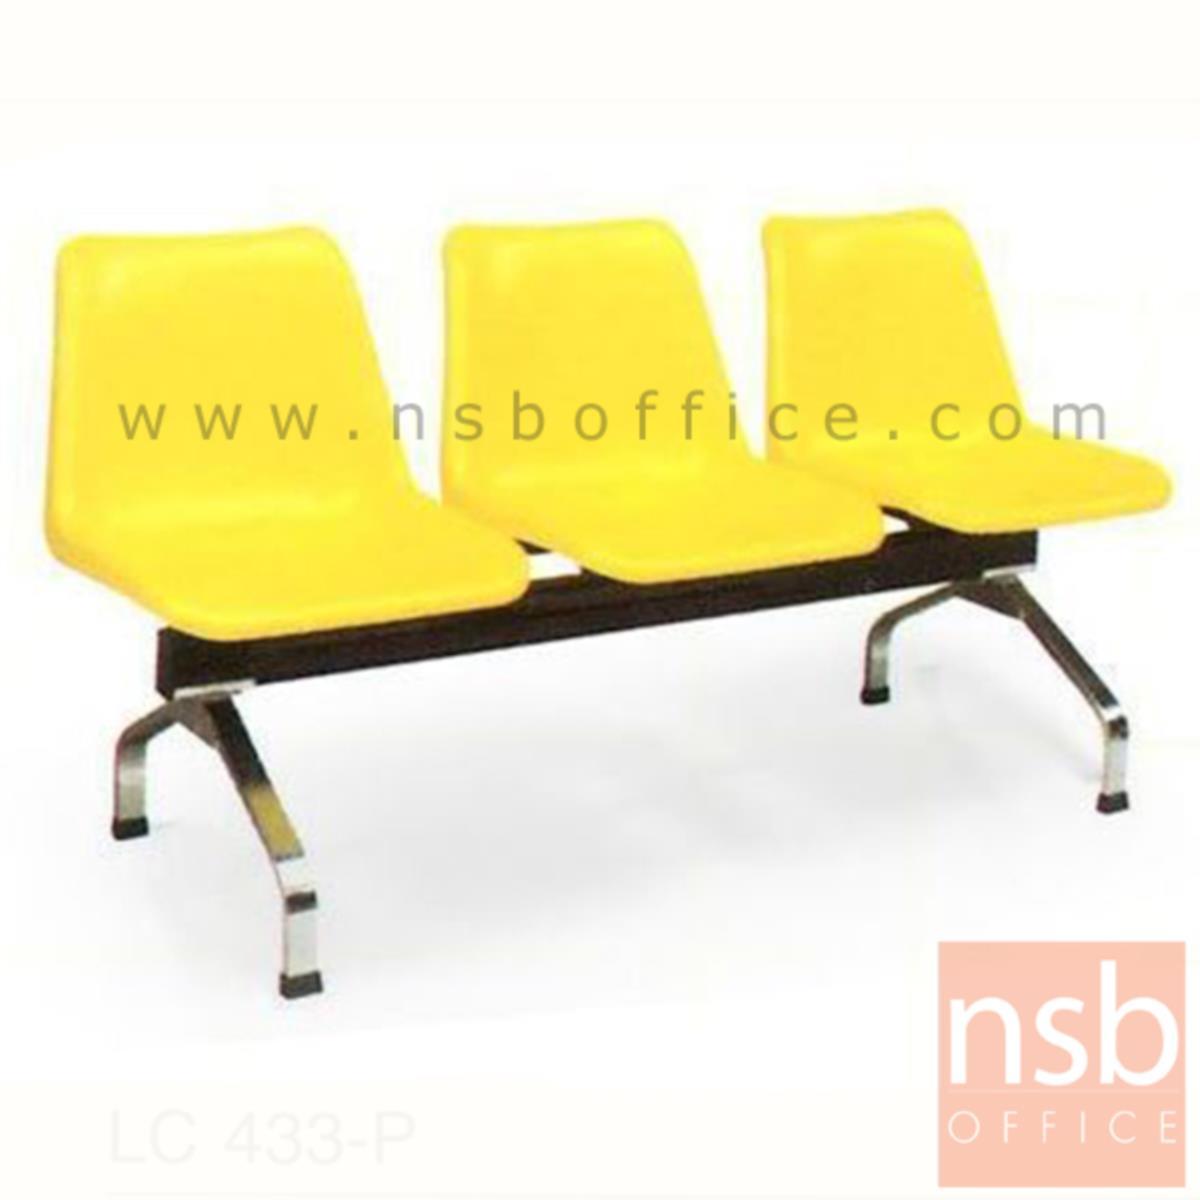 B28A063:เก้าอี้นั่งคอยเฟรมโพลี่ รุ่น Daihatsu (ไดฮัทสุ) 2 ,3 ,4 ที่นั่ง ขนาด 105W ,151W ,203W cm. ขาเหล็ก